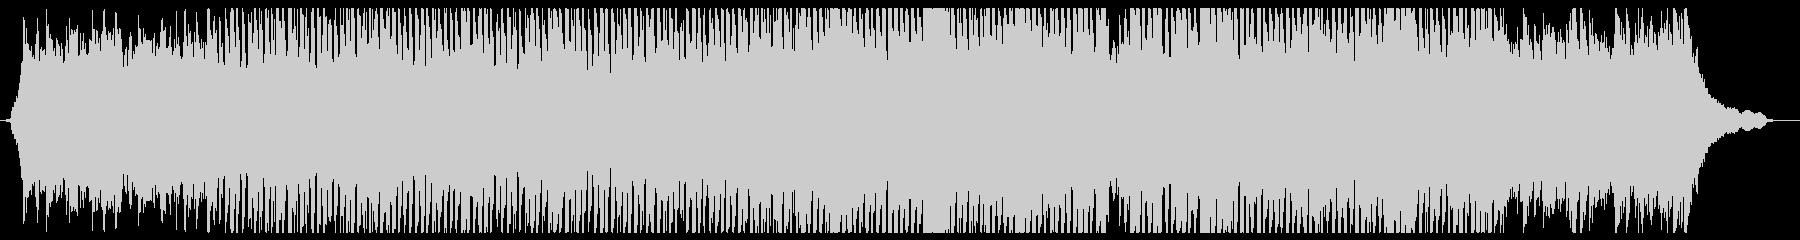 開放的でさわやかなエレキギターインストの未再生の波形